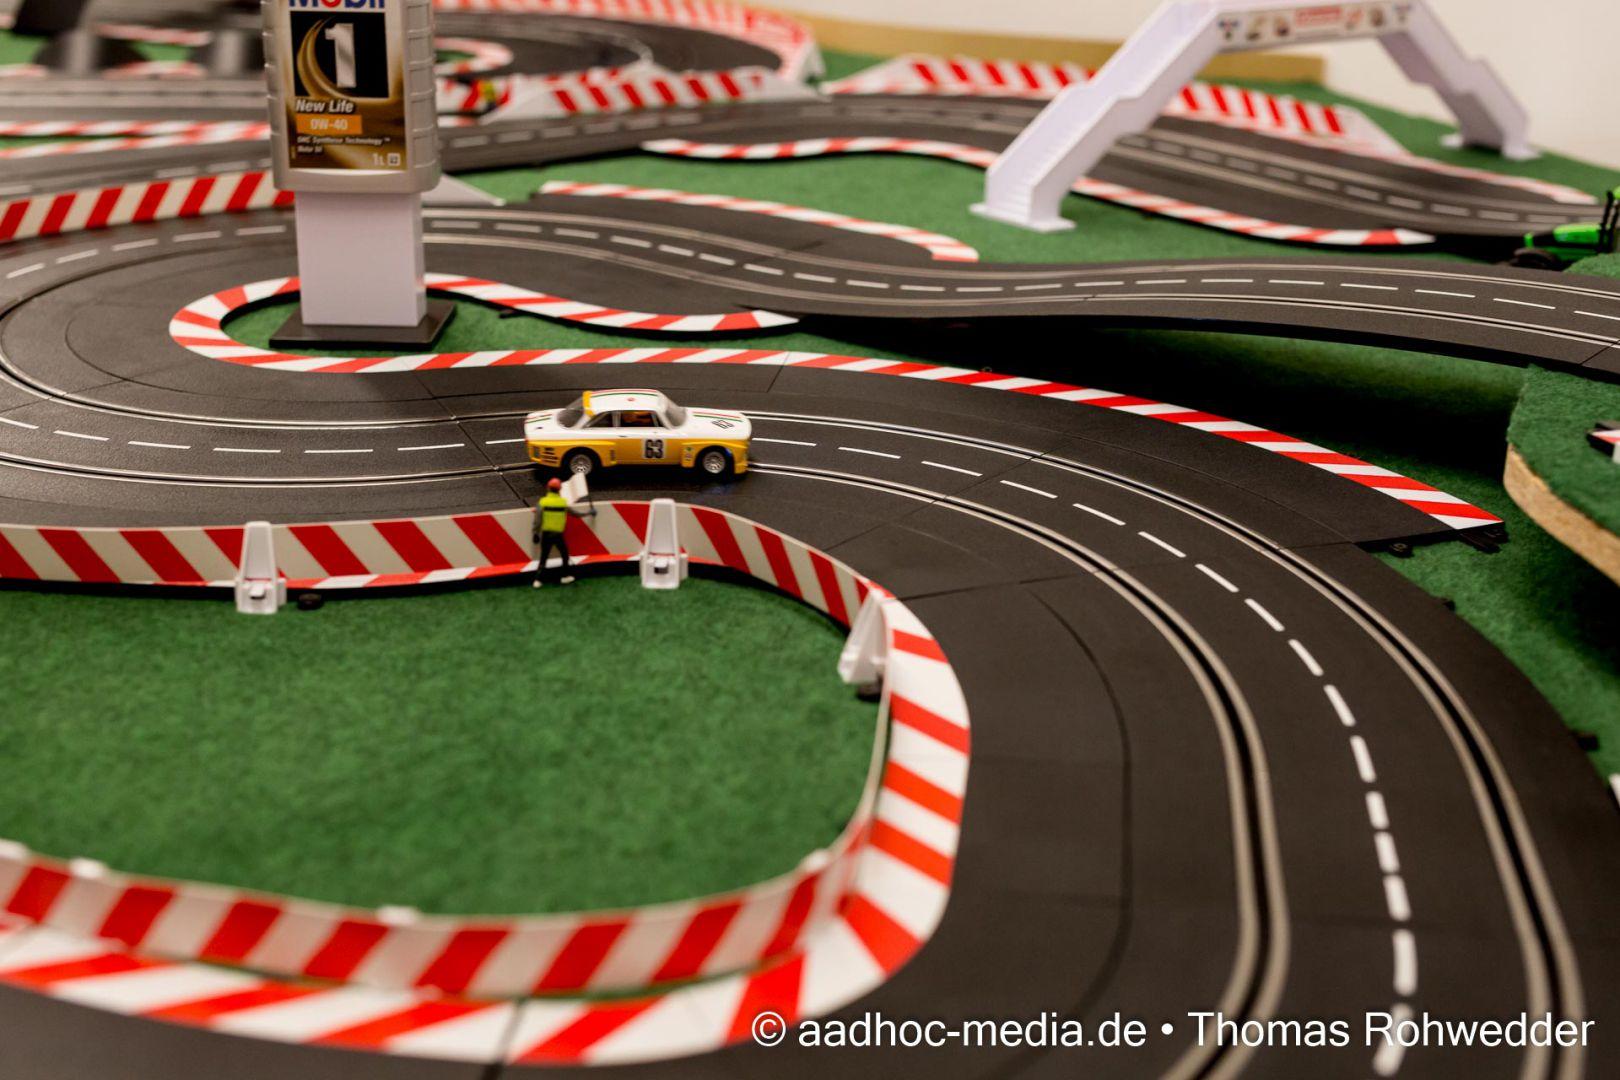 Carerrabahn in der Eventlocation von Wagner Spiel- + Technikwelt mit über 30m Fahrstrecke